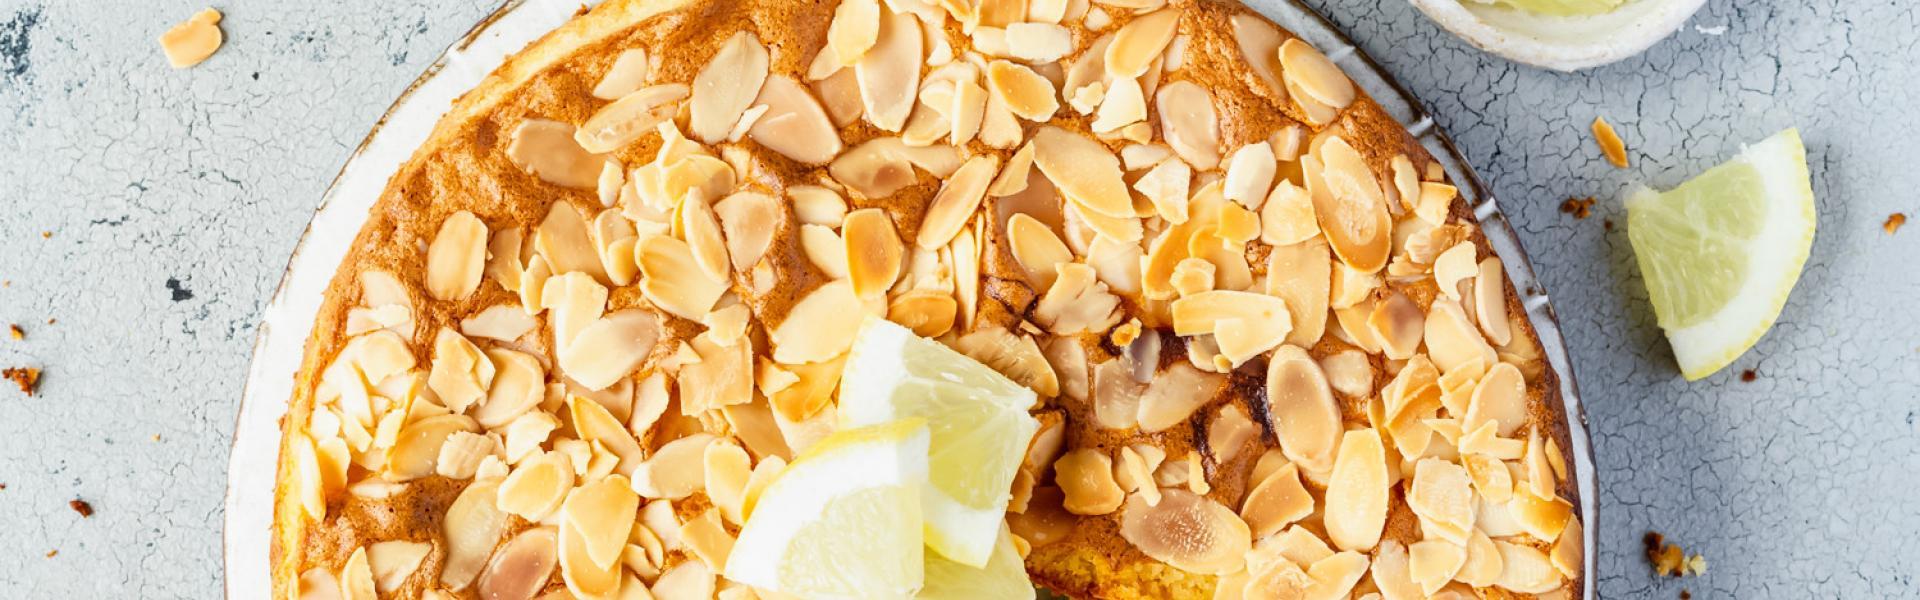 Zitronen-Mandel-Kuchen mit Mandelblättchen und Zitronenscheiben dekoriert und angeschnitten auf einer Kuchenplatte.